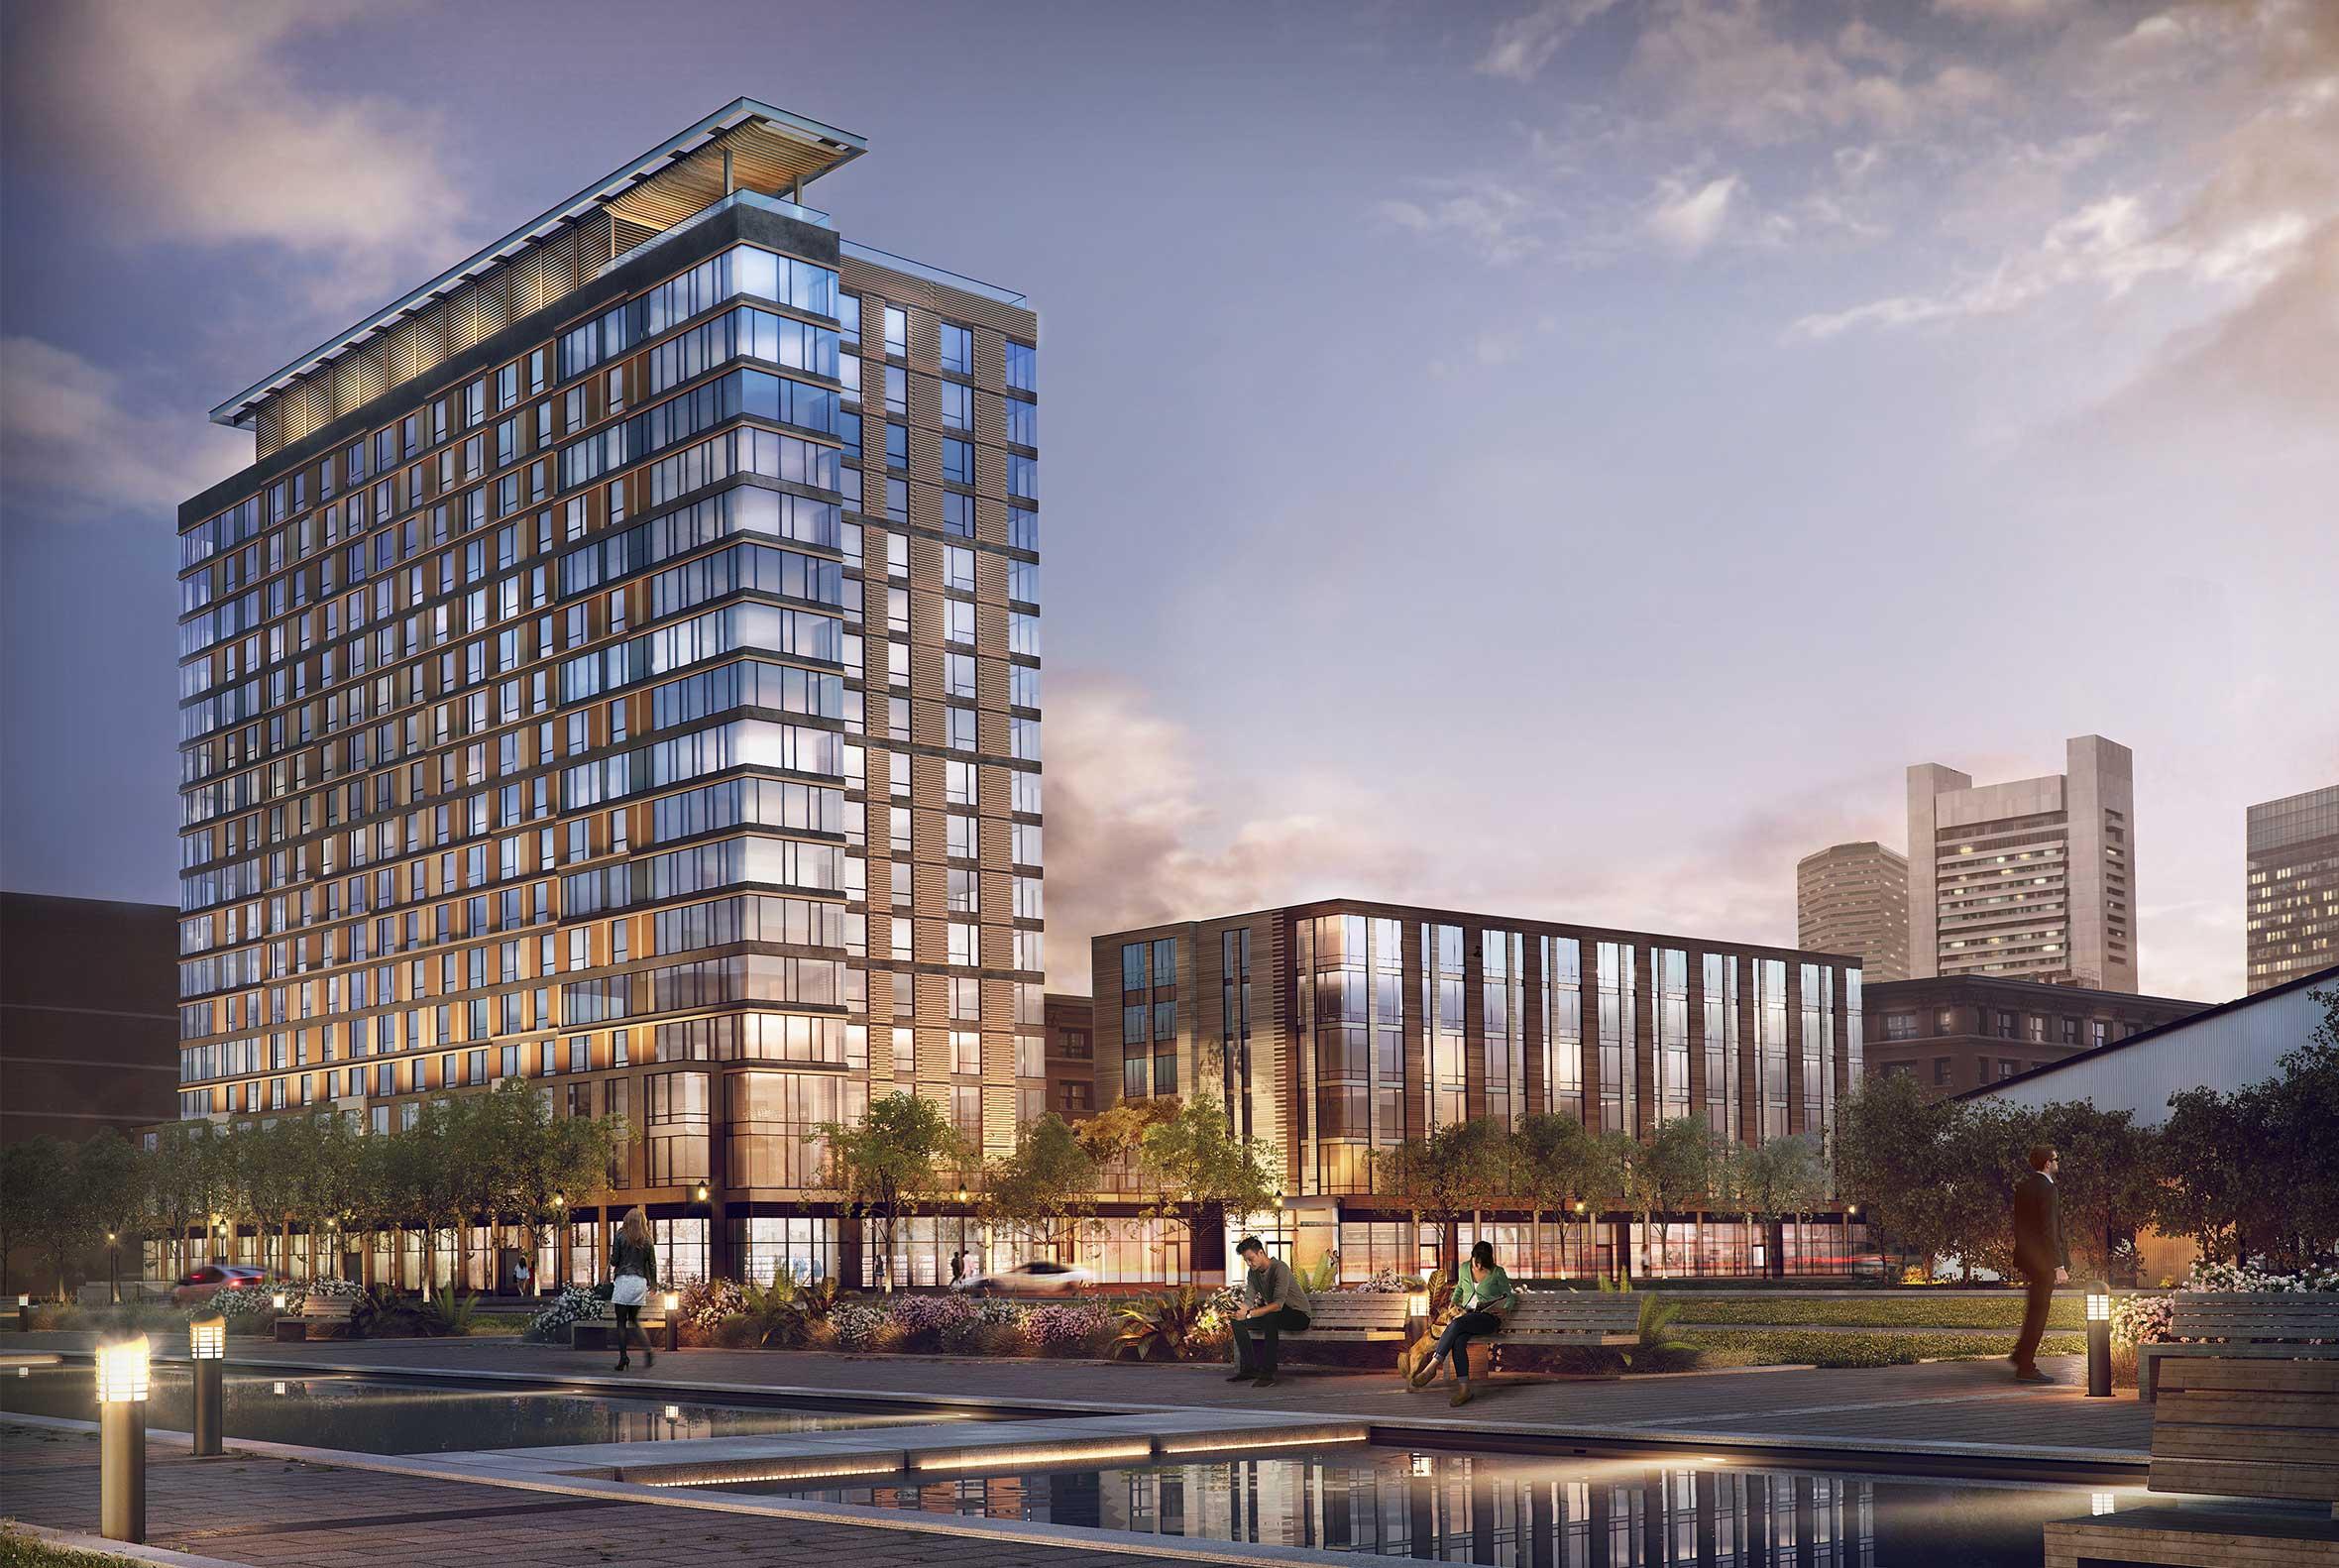 New Development Watermark Seaport Century 21 Cityside